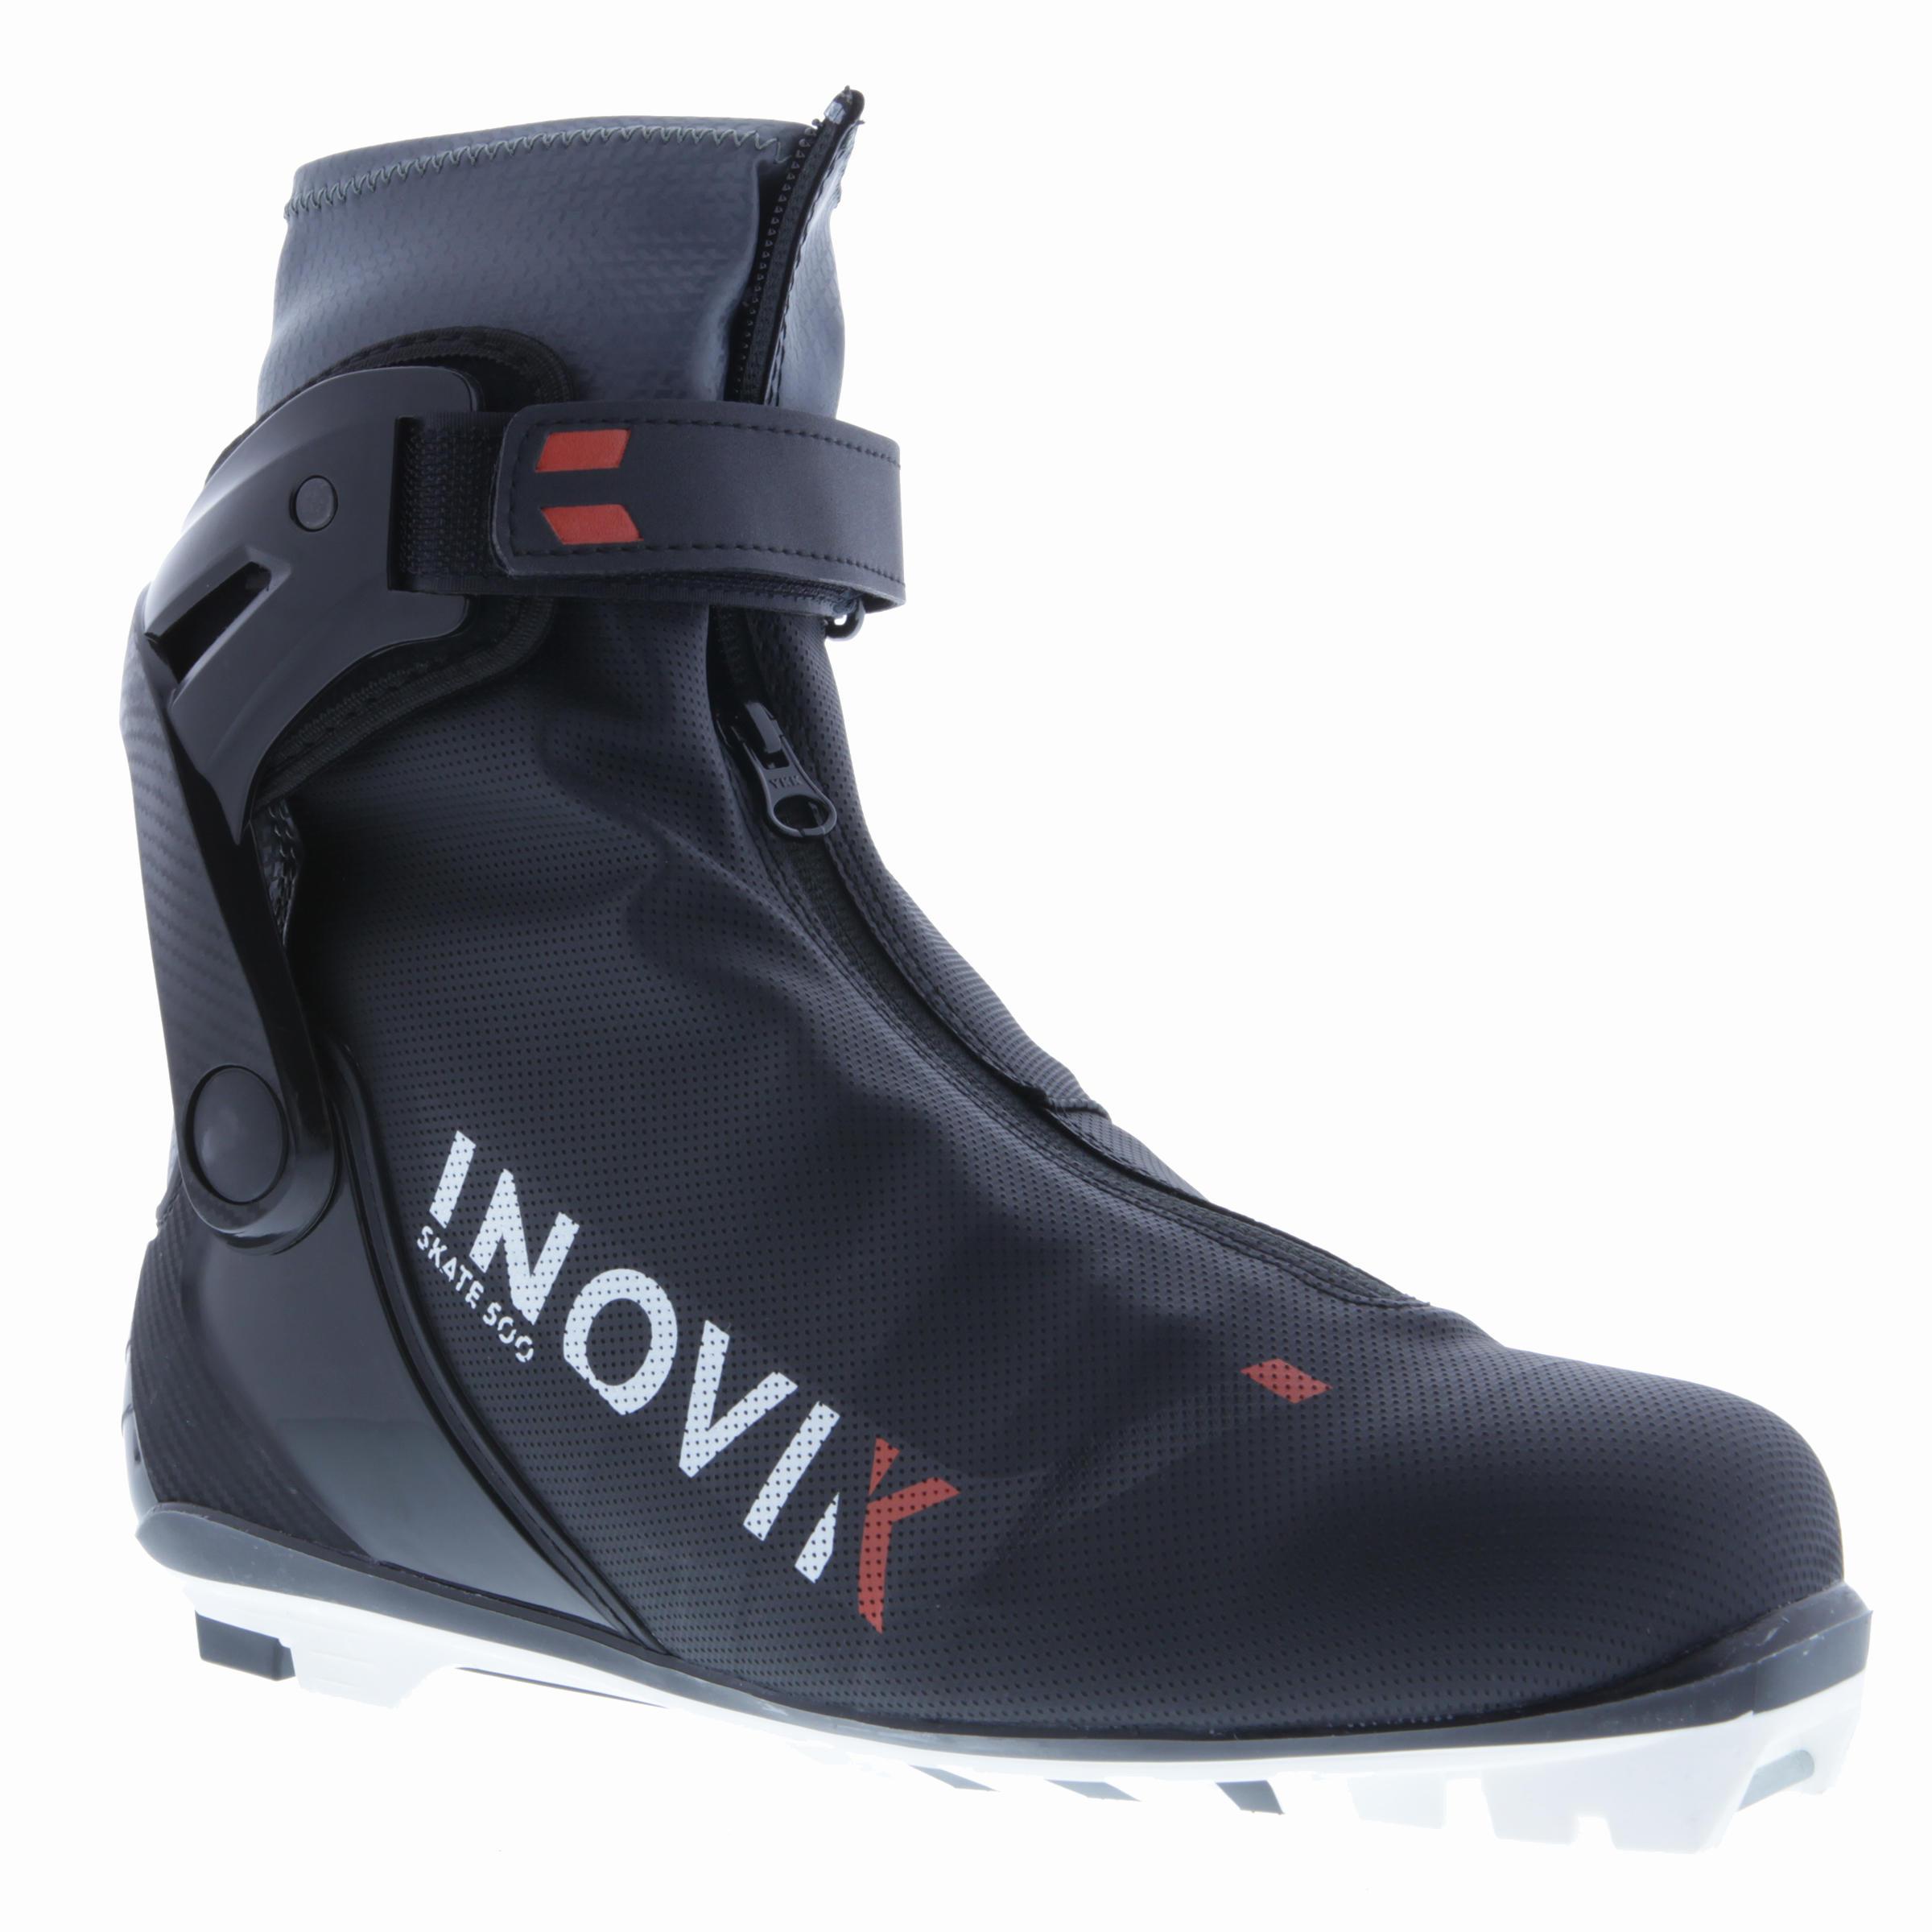 Chaussures de ski de fond pas de patin adulte XC S BOTTES 500 noir